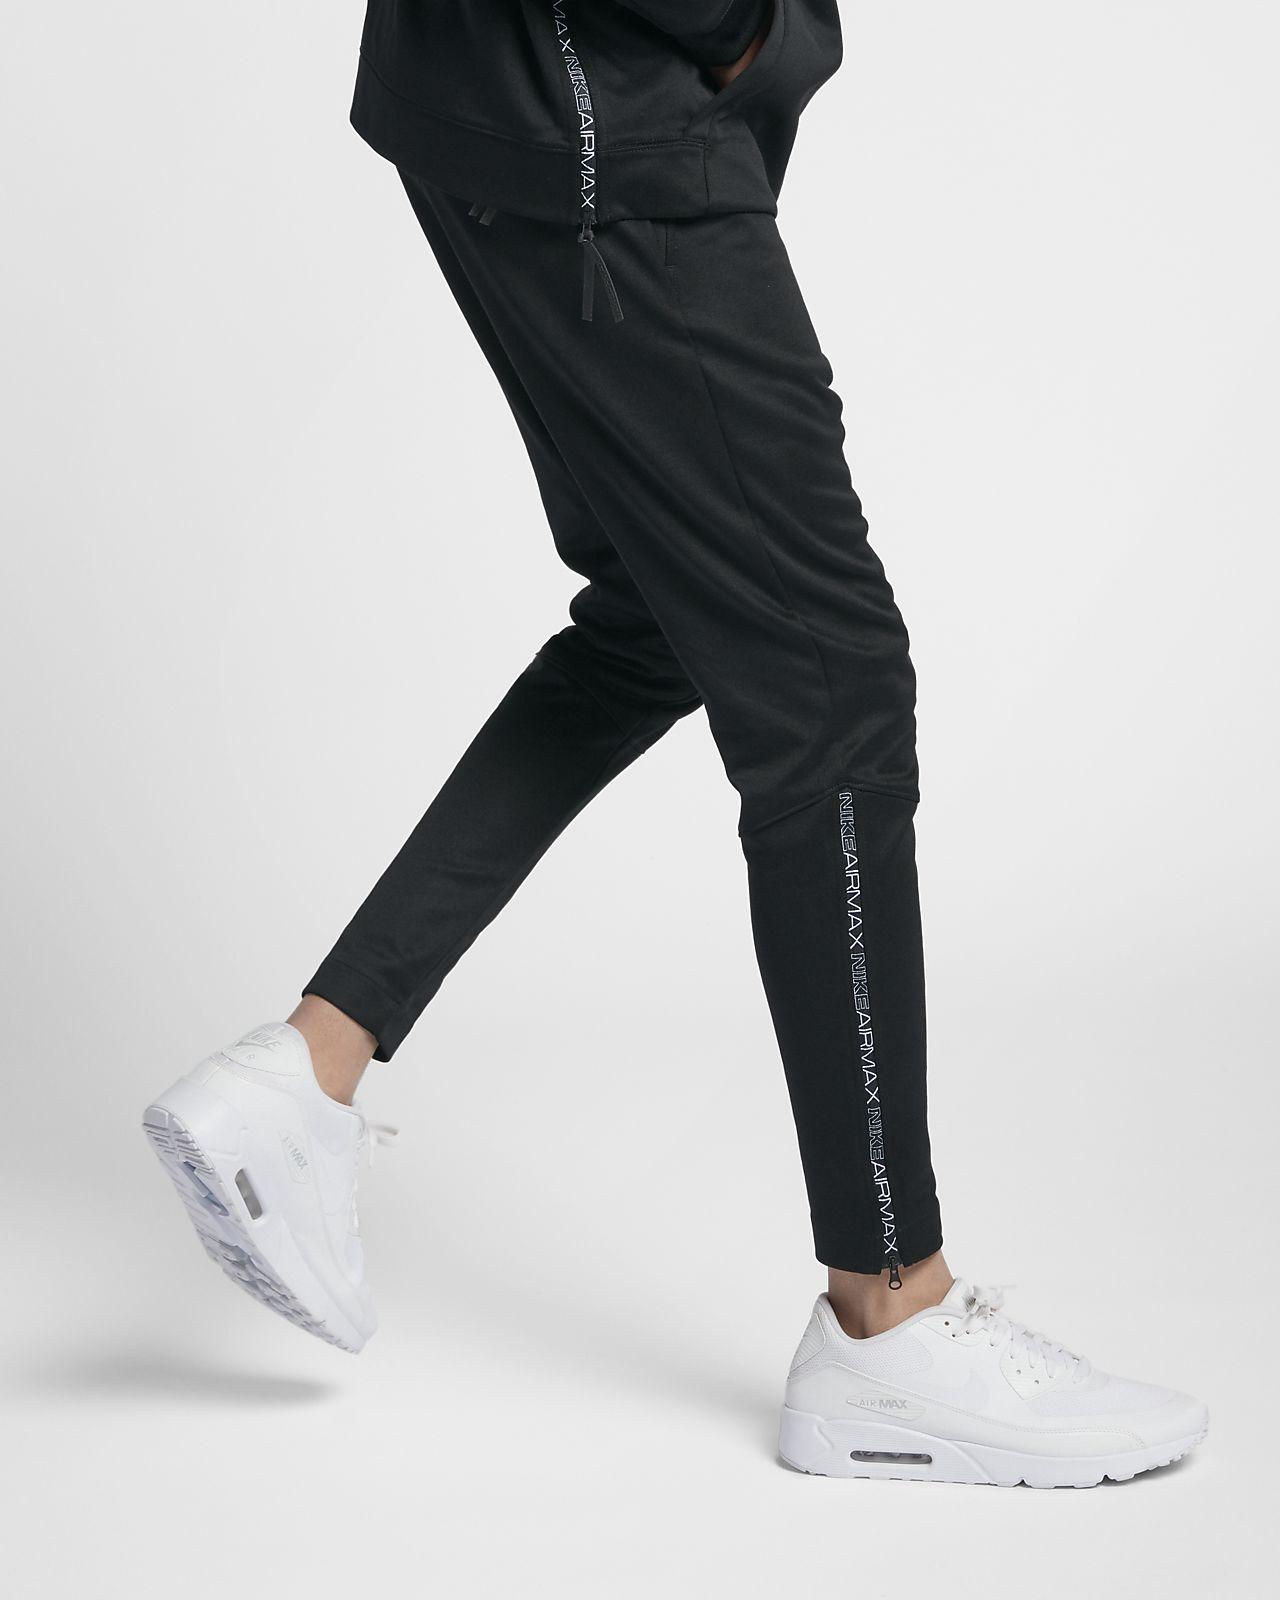 sportswear air max